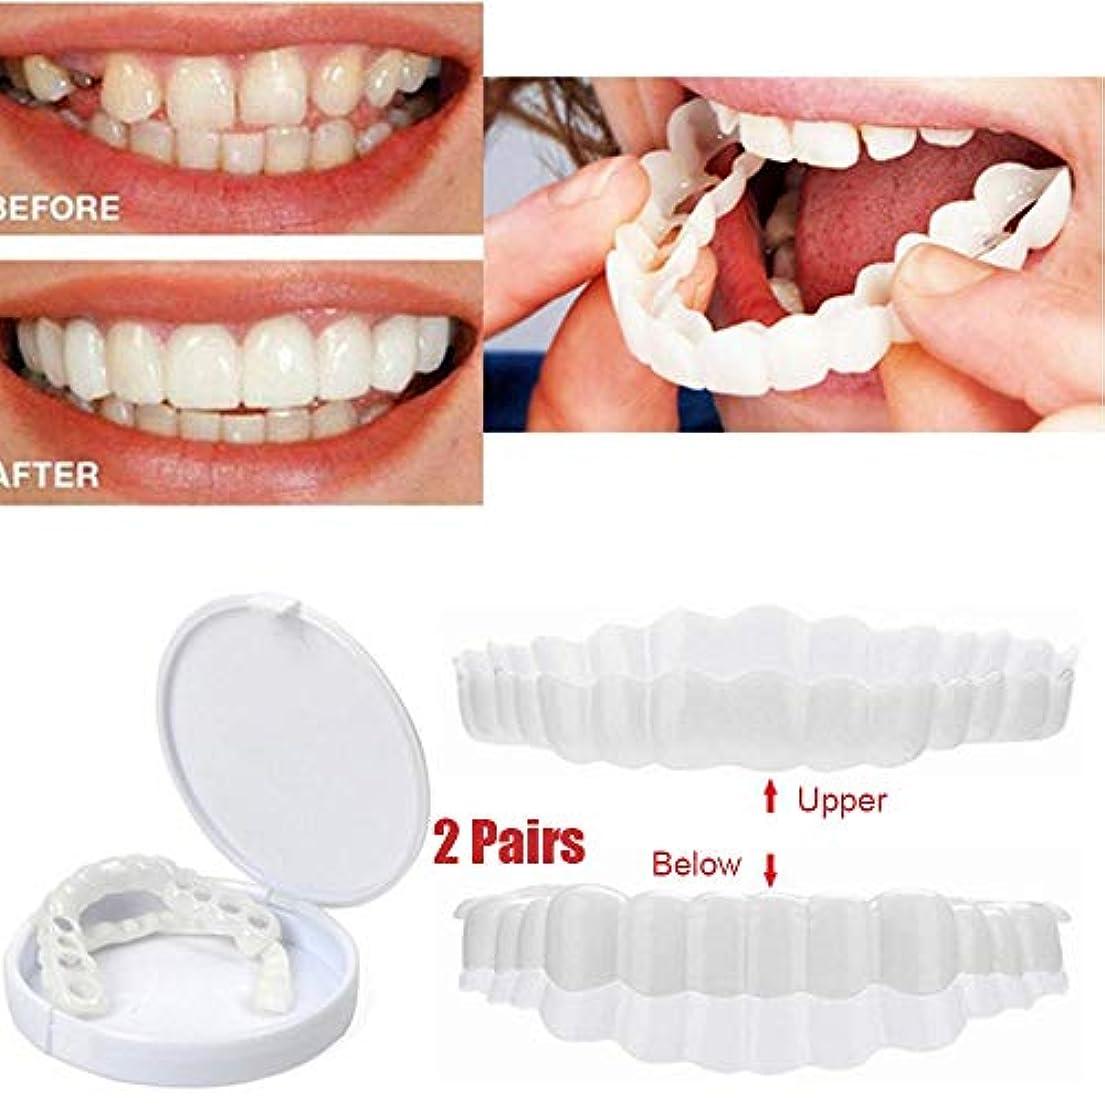 ほんの合金組み込む白くなるベニヤ歯美容メイクアップ歯快適で柔軟な歯のケアケア自信を持って笑顔黄色い歯悪い歯ホワイトニングオーラルケア(2ペア)